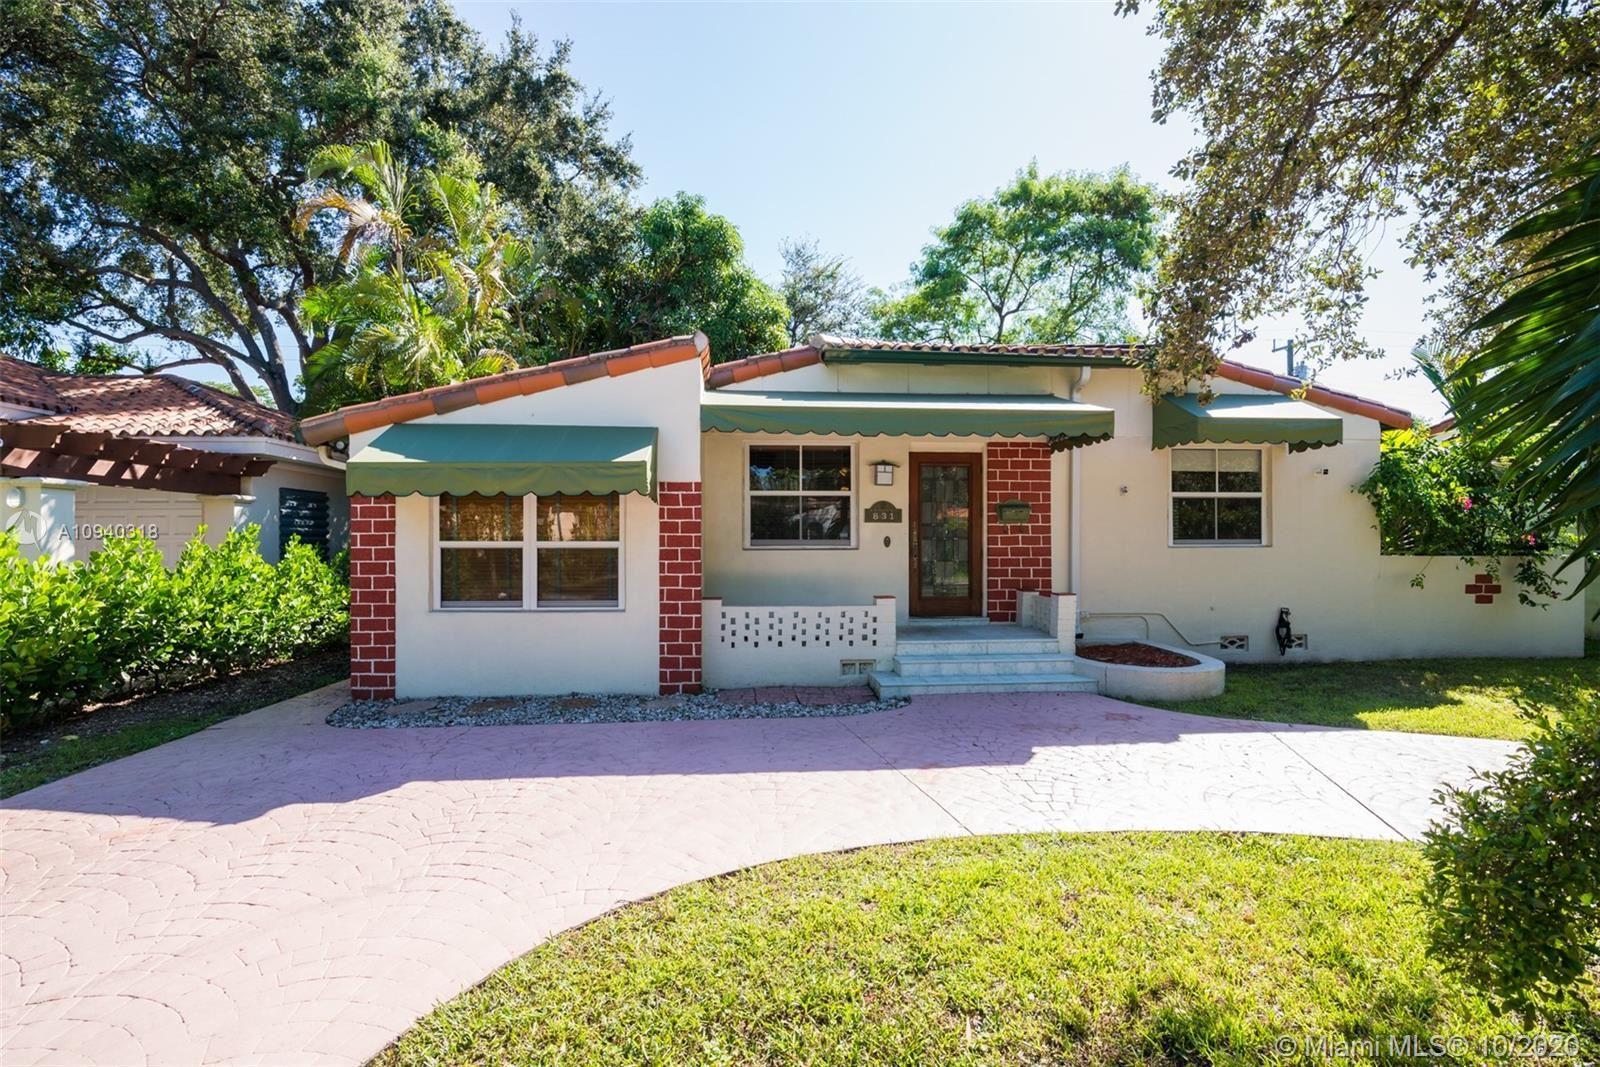 831 Monterey St, Coral Gables, FL 33134 - #: A10940318